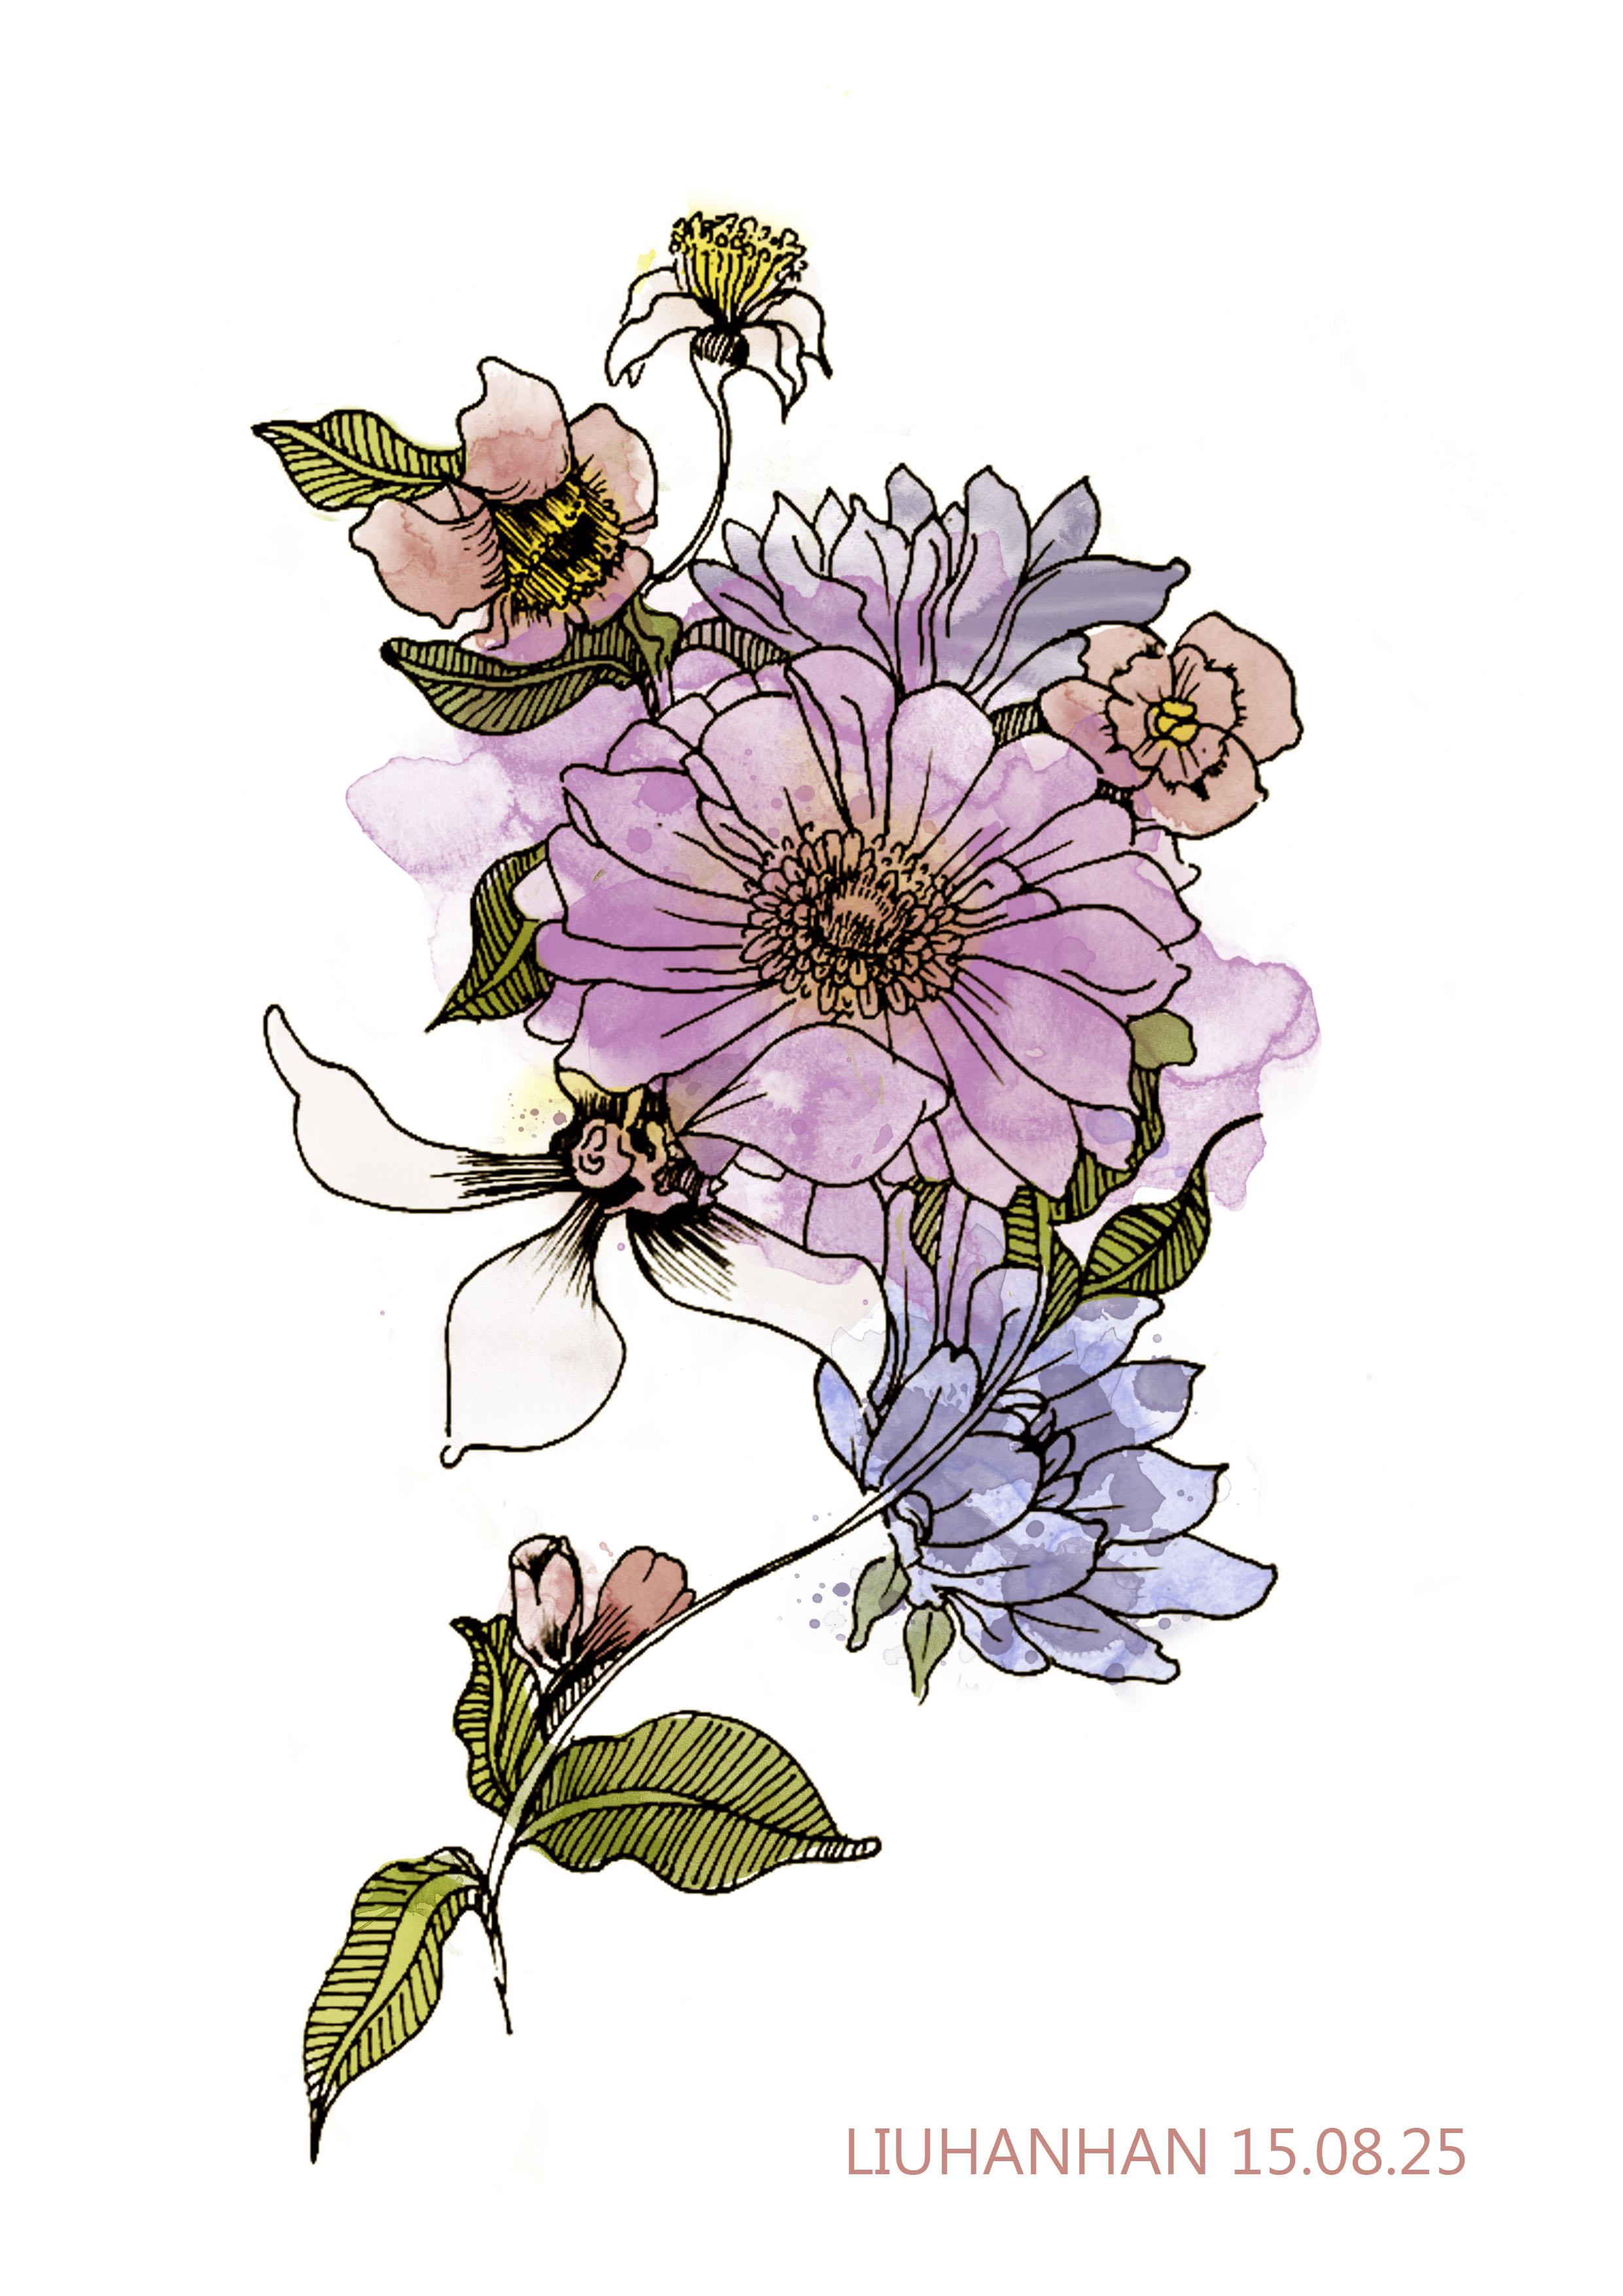 手绘水彩花 平面 图案 galaxy寒 - 原创作品 - 站酷